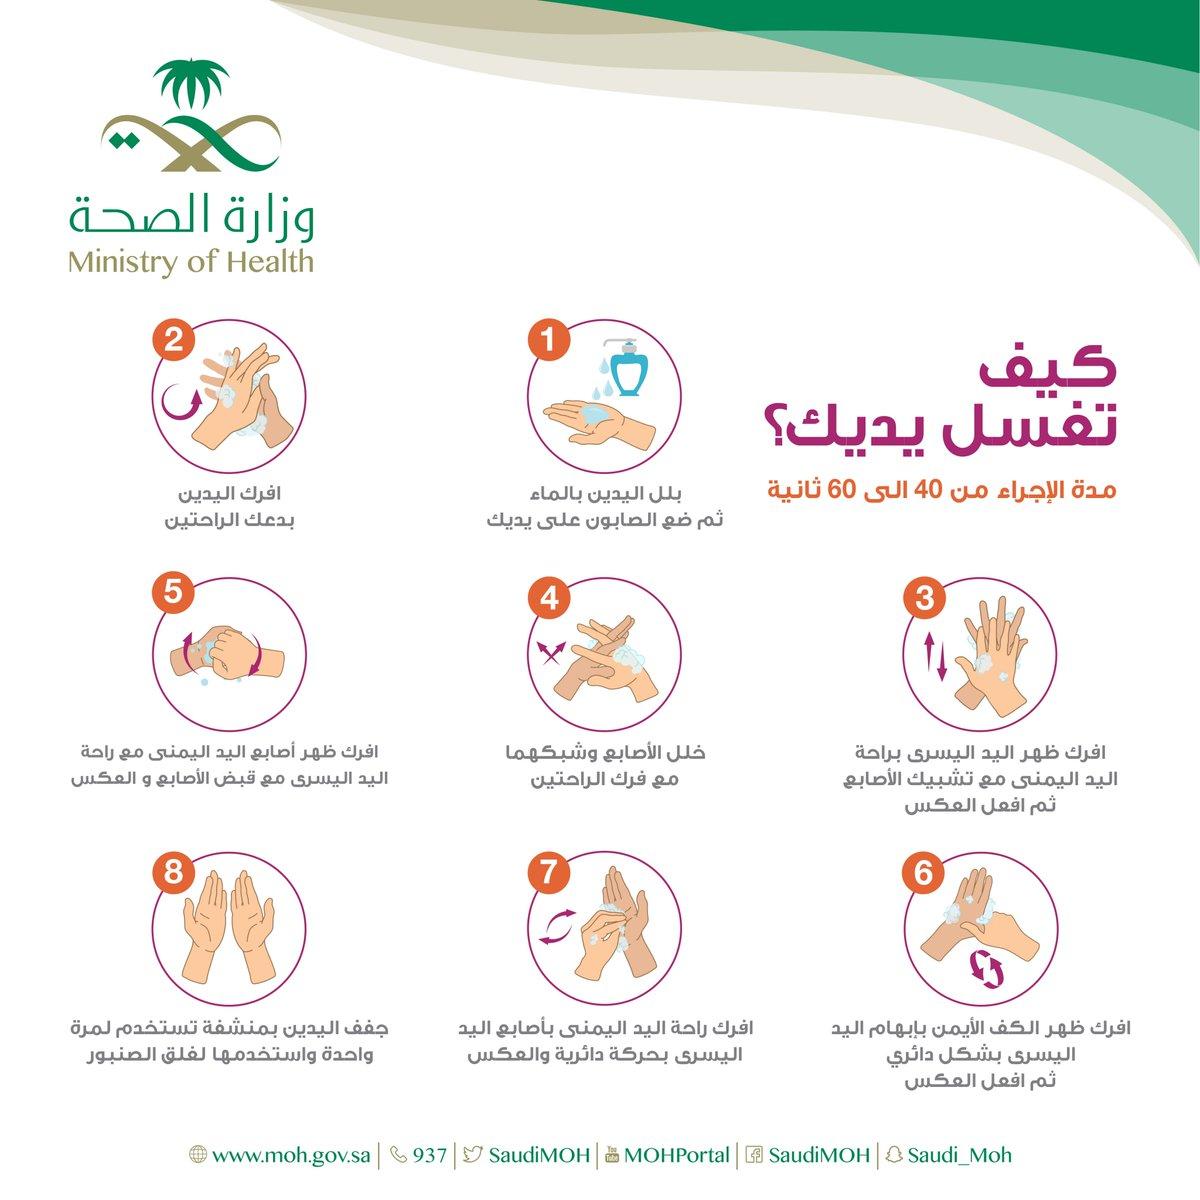 و ز ا ر ة ا لـ صـ حـ ة السعودية A Twitter الطريقة الصحيحة لغسل اليدين الاسبوع العالمي لمكافحة العدوى